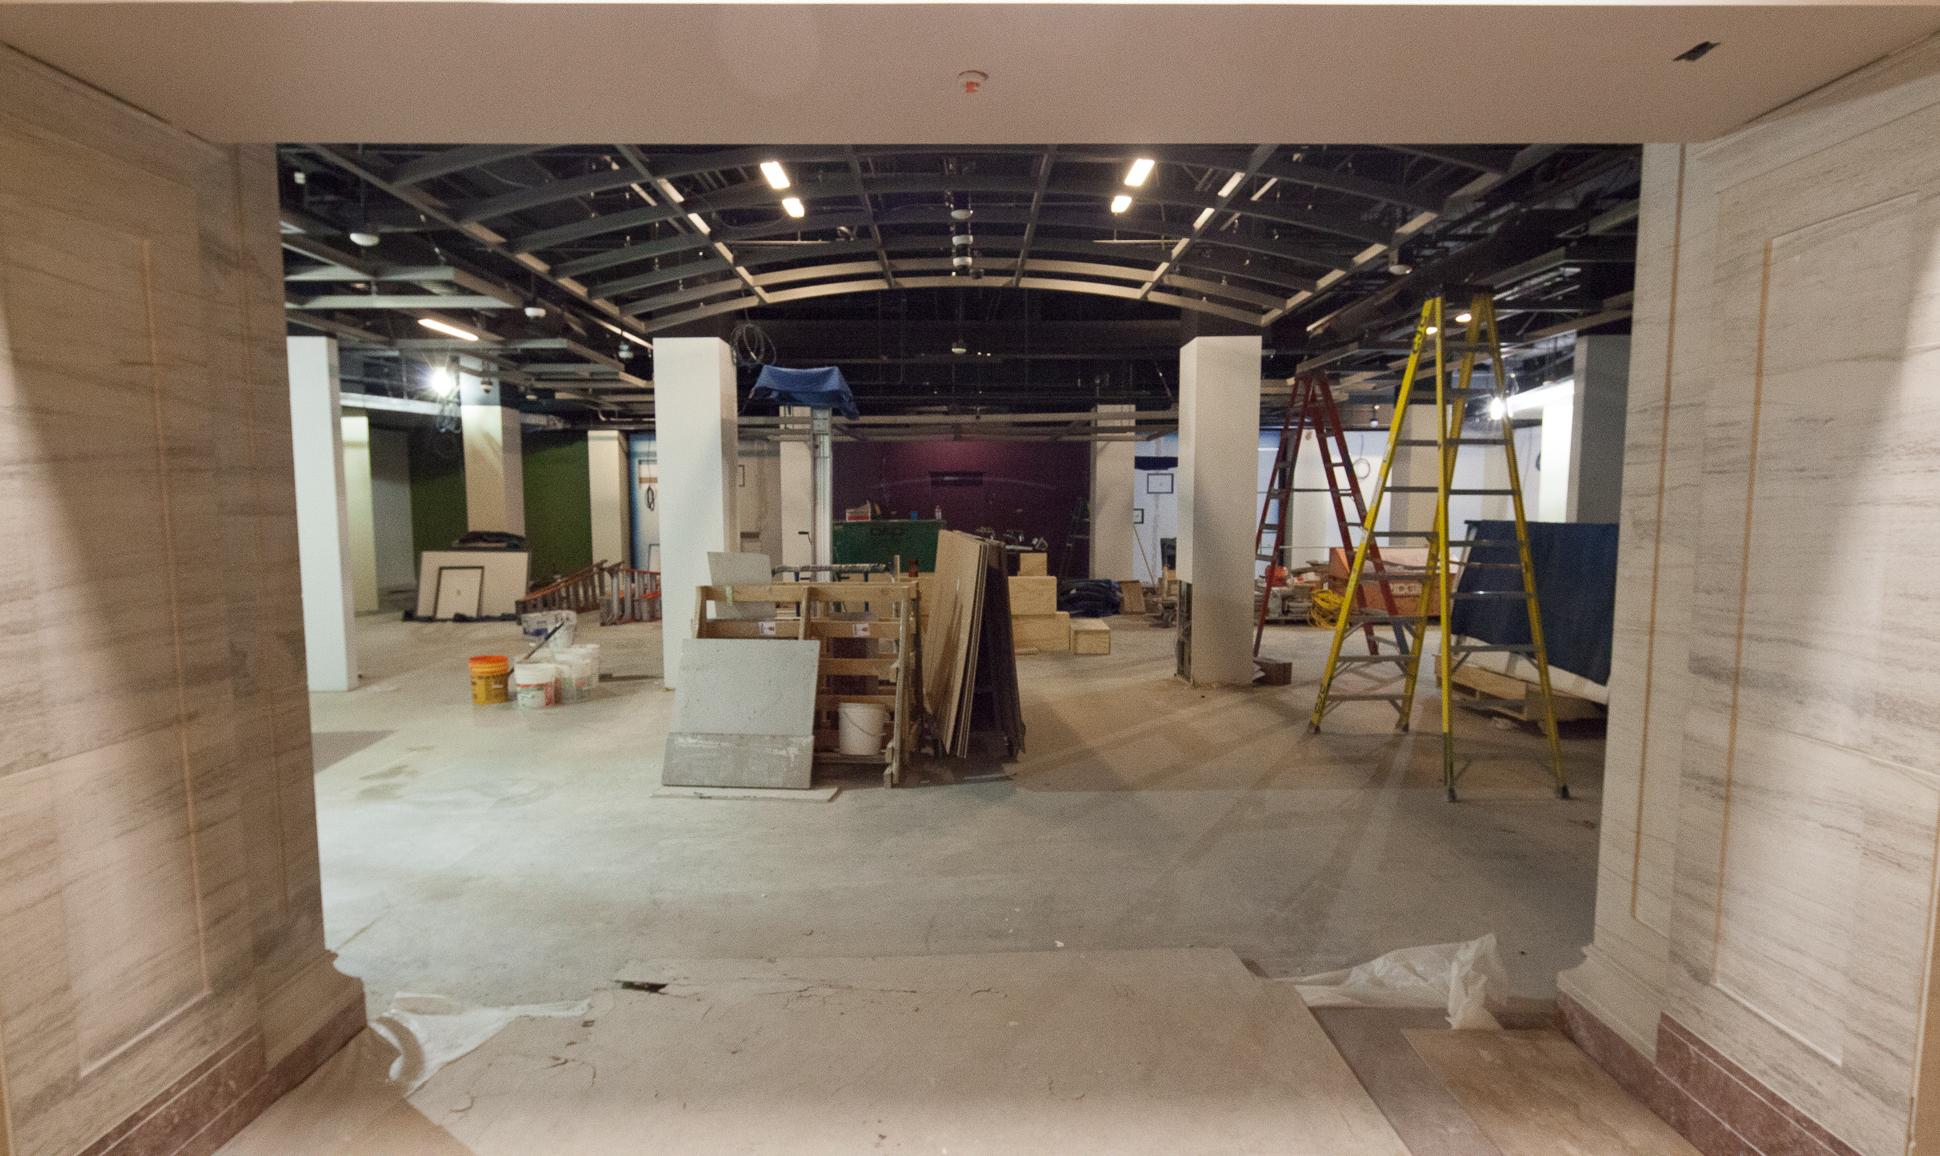 Rubenstein Gallery Construction